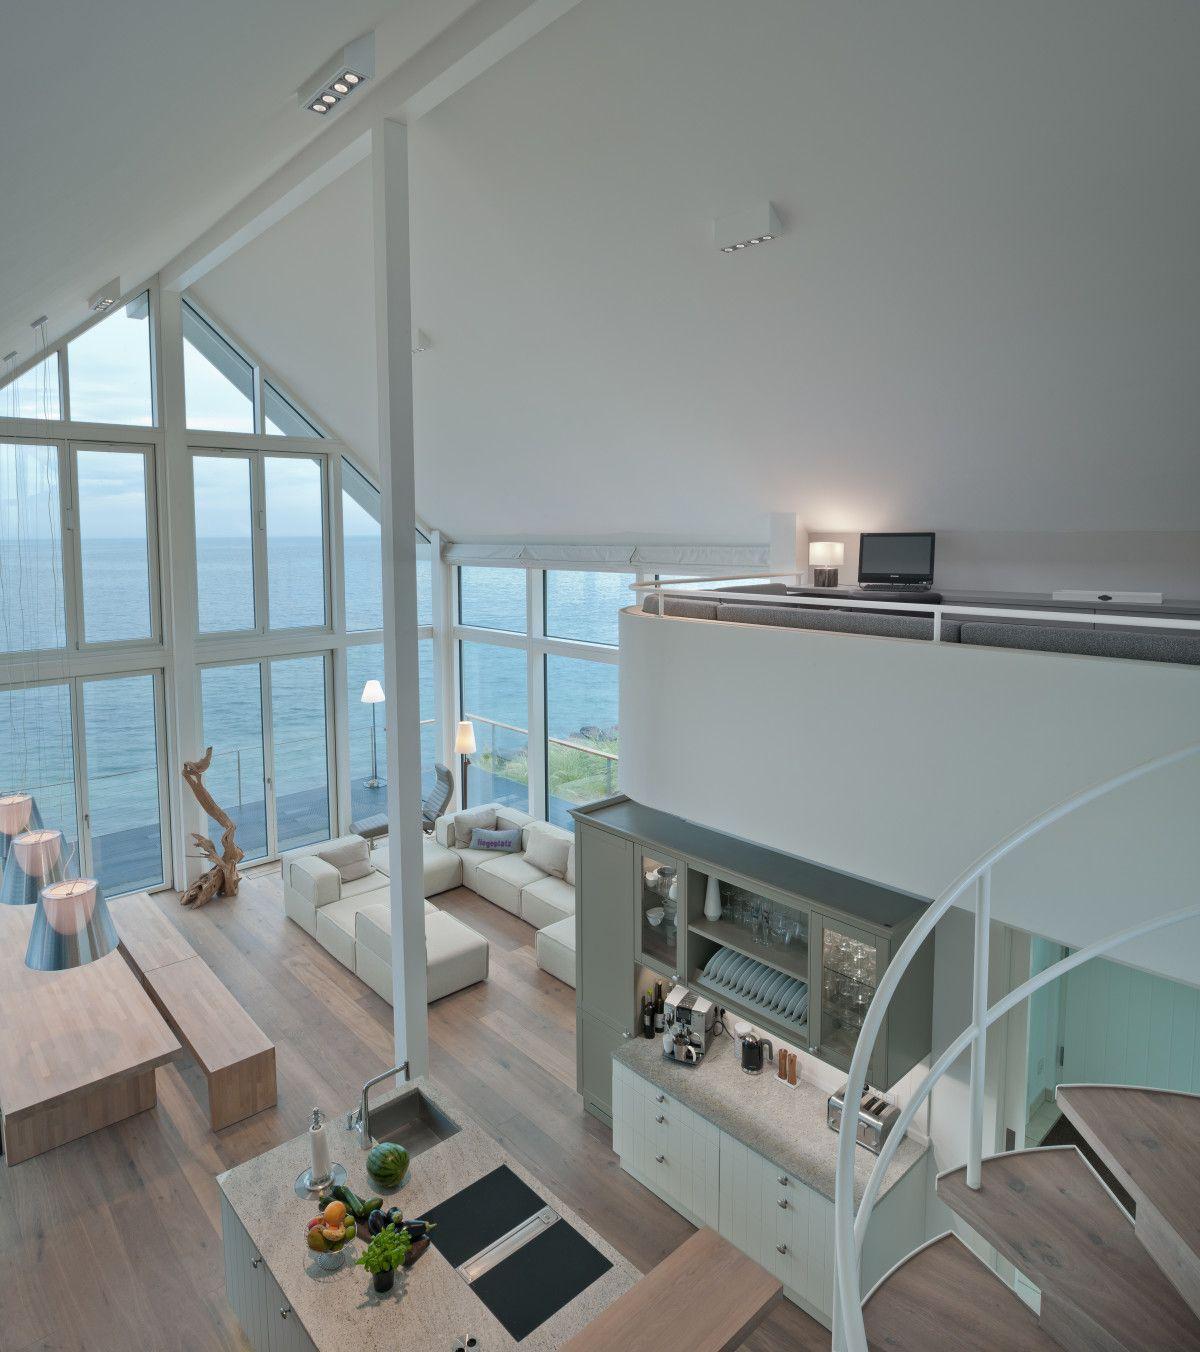 Wohnzimmer Loft mit Galerie  Innenarchitektur Designhaus Mommsen von Baufritz  HausbauDirekt